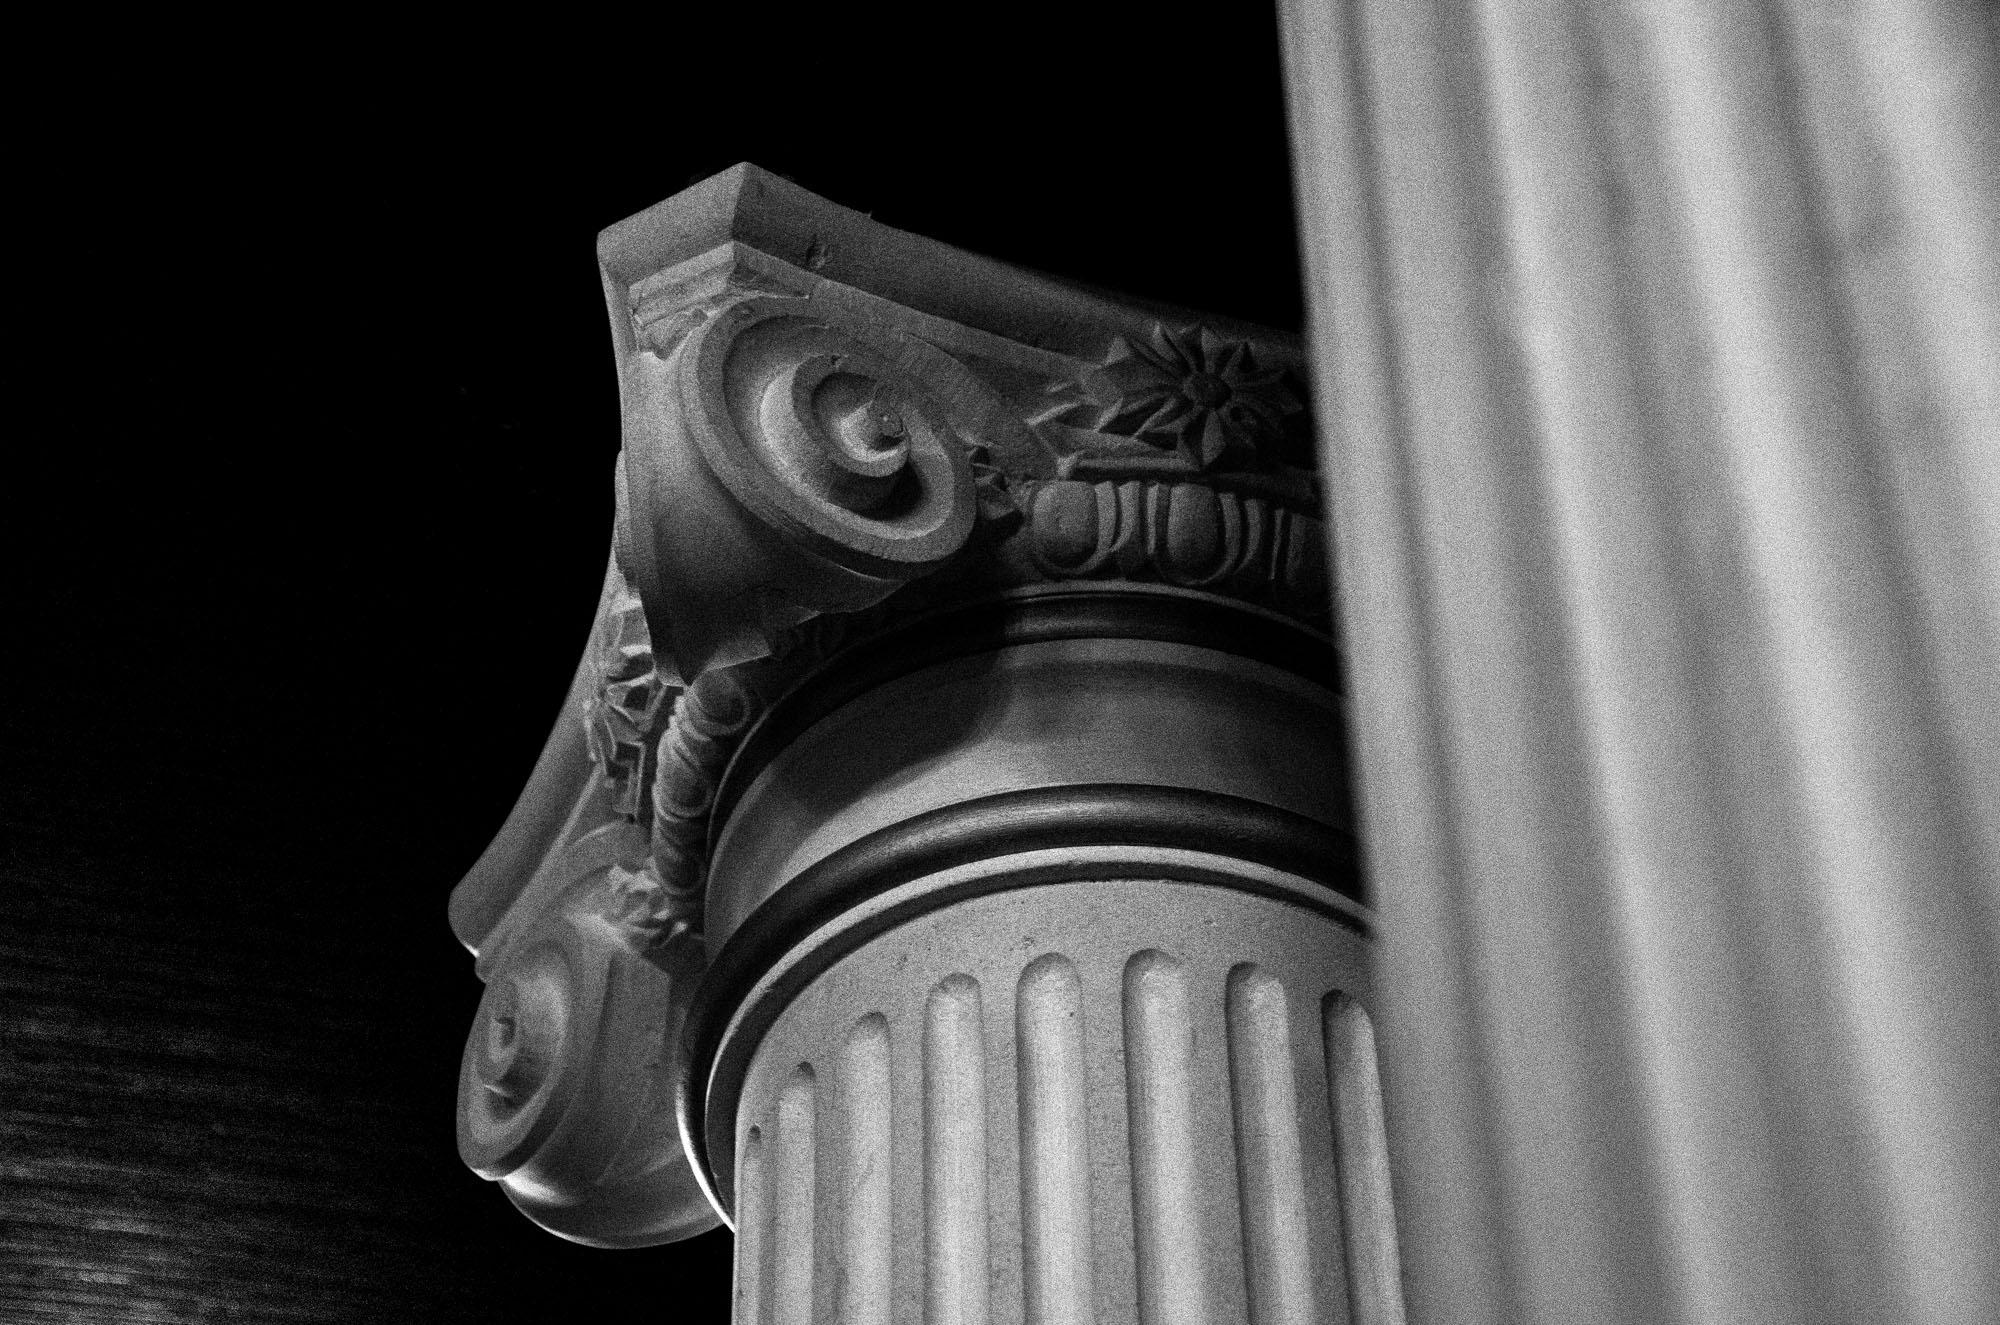 Elemente arhitecturale LEVENTE COMPANIE - Poza 8